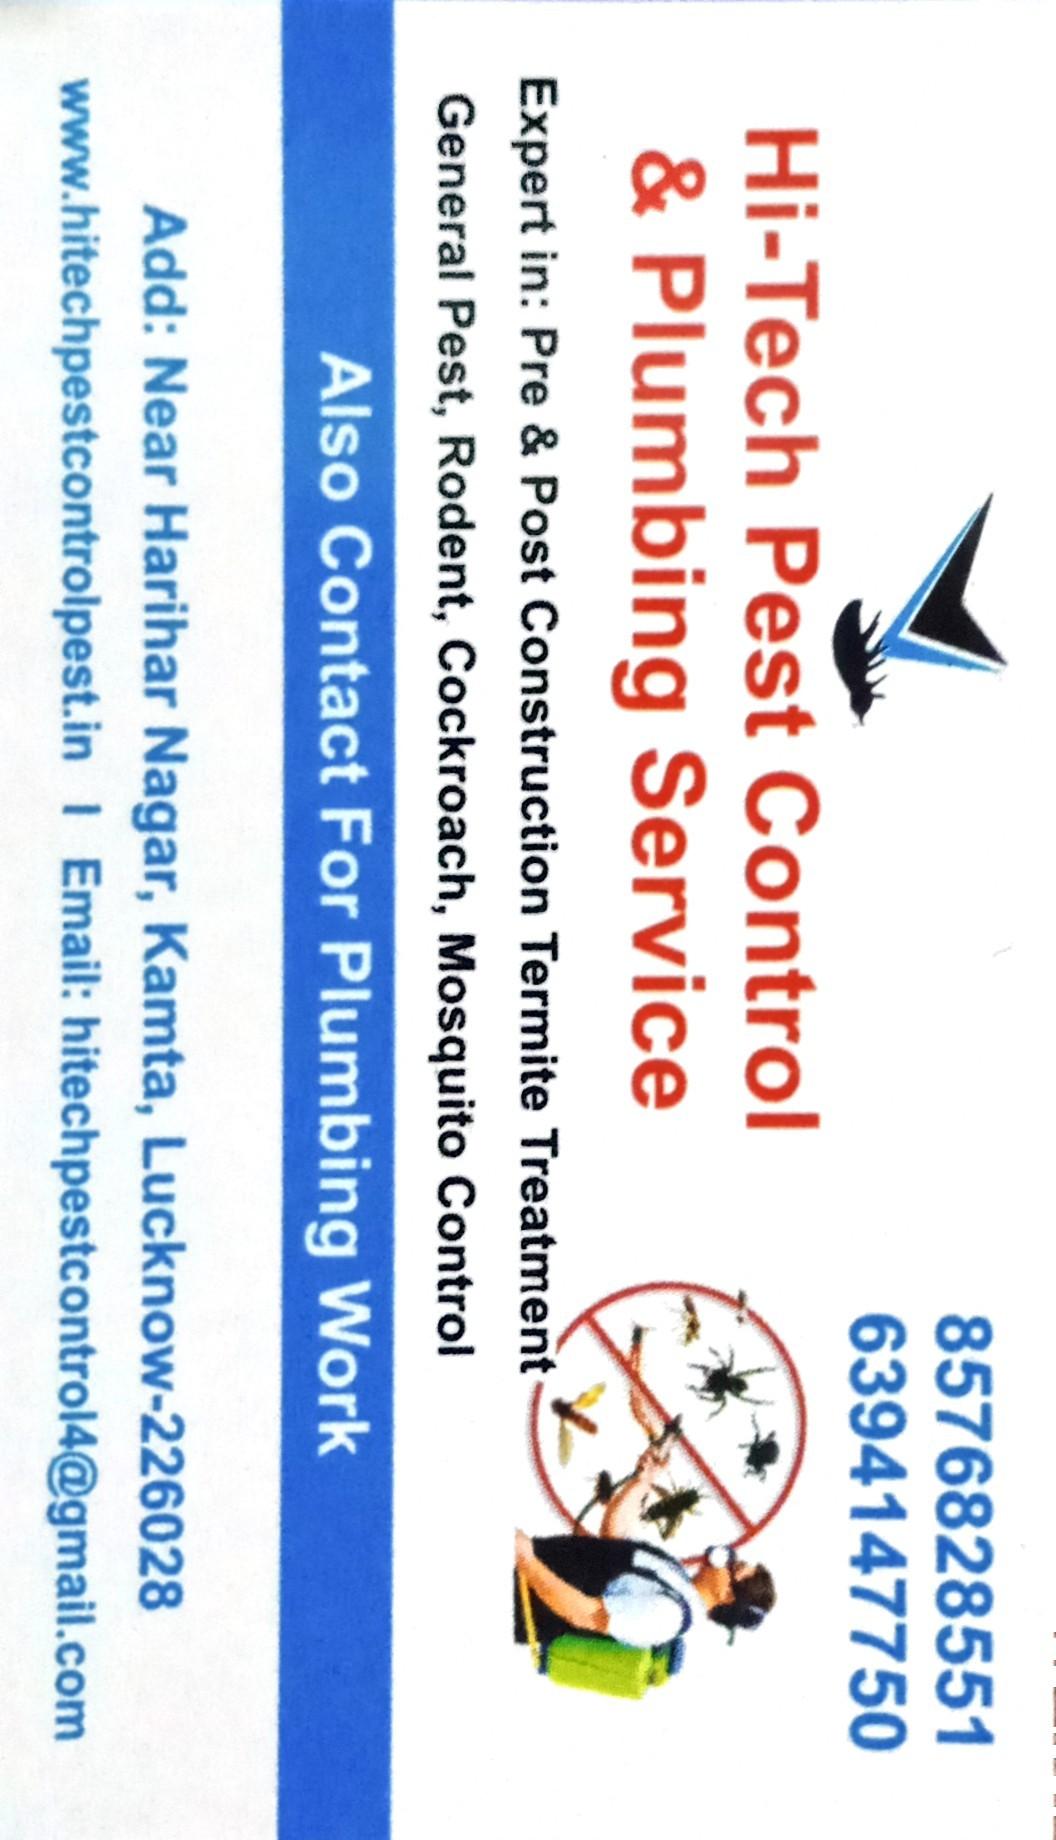 Hi tech pest control and sanitization